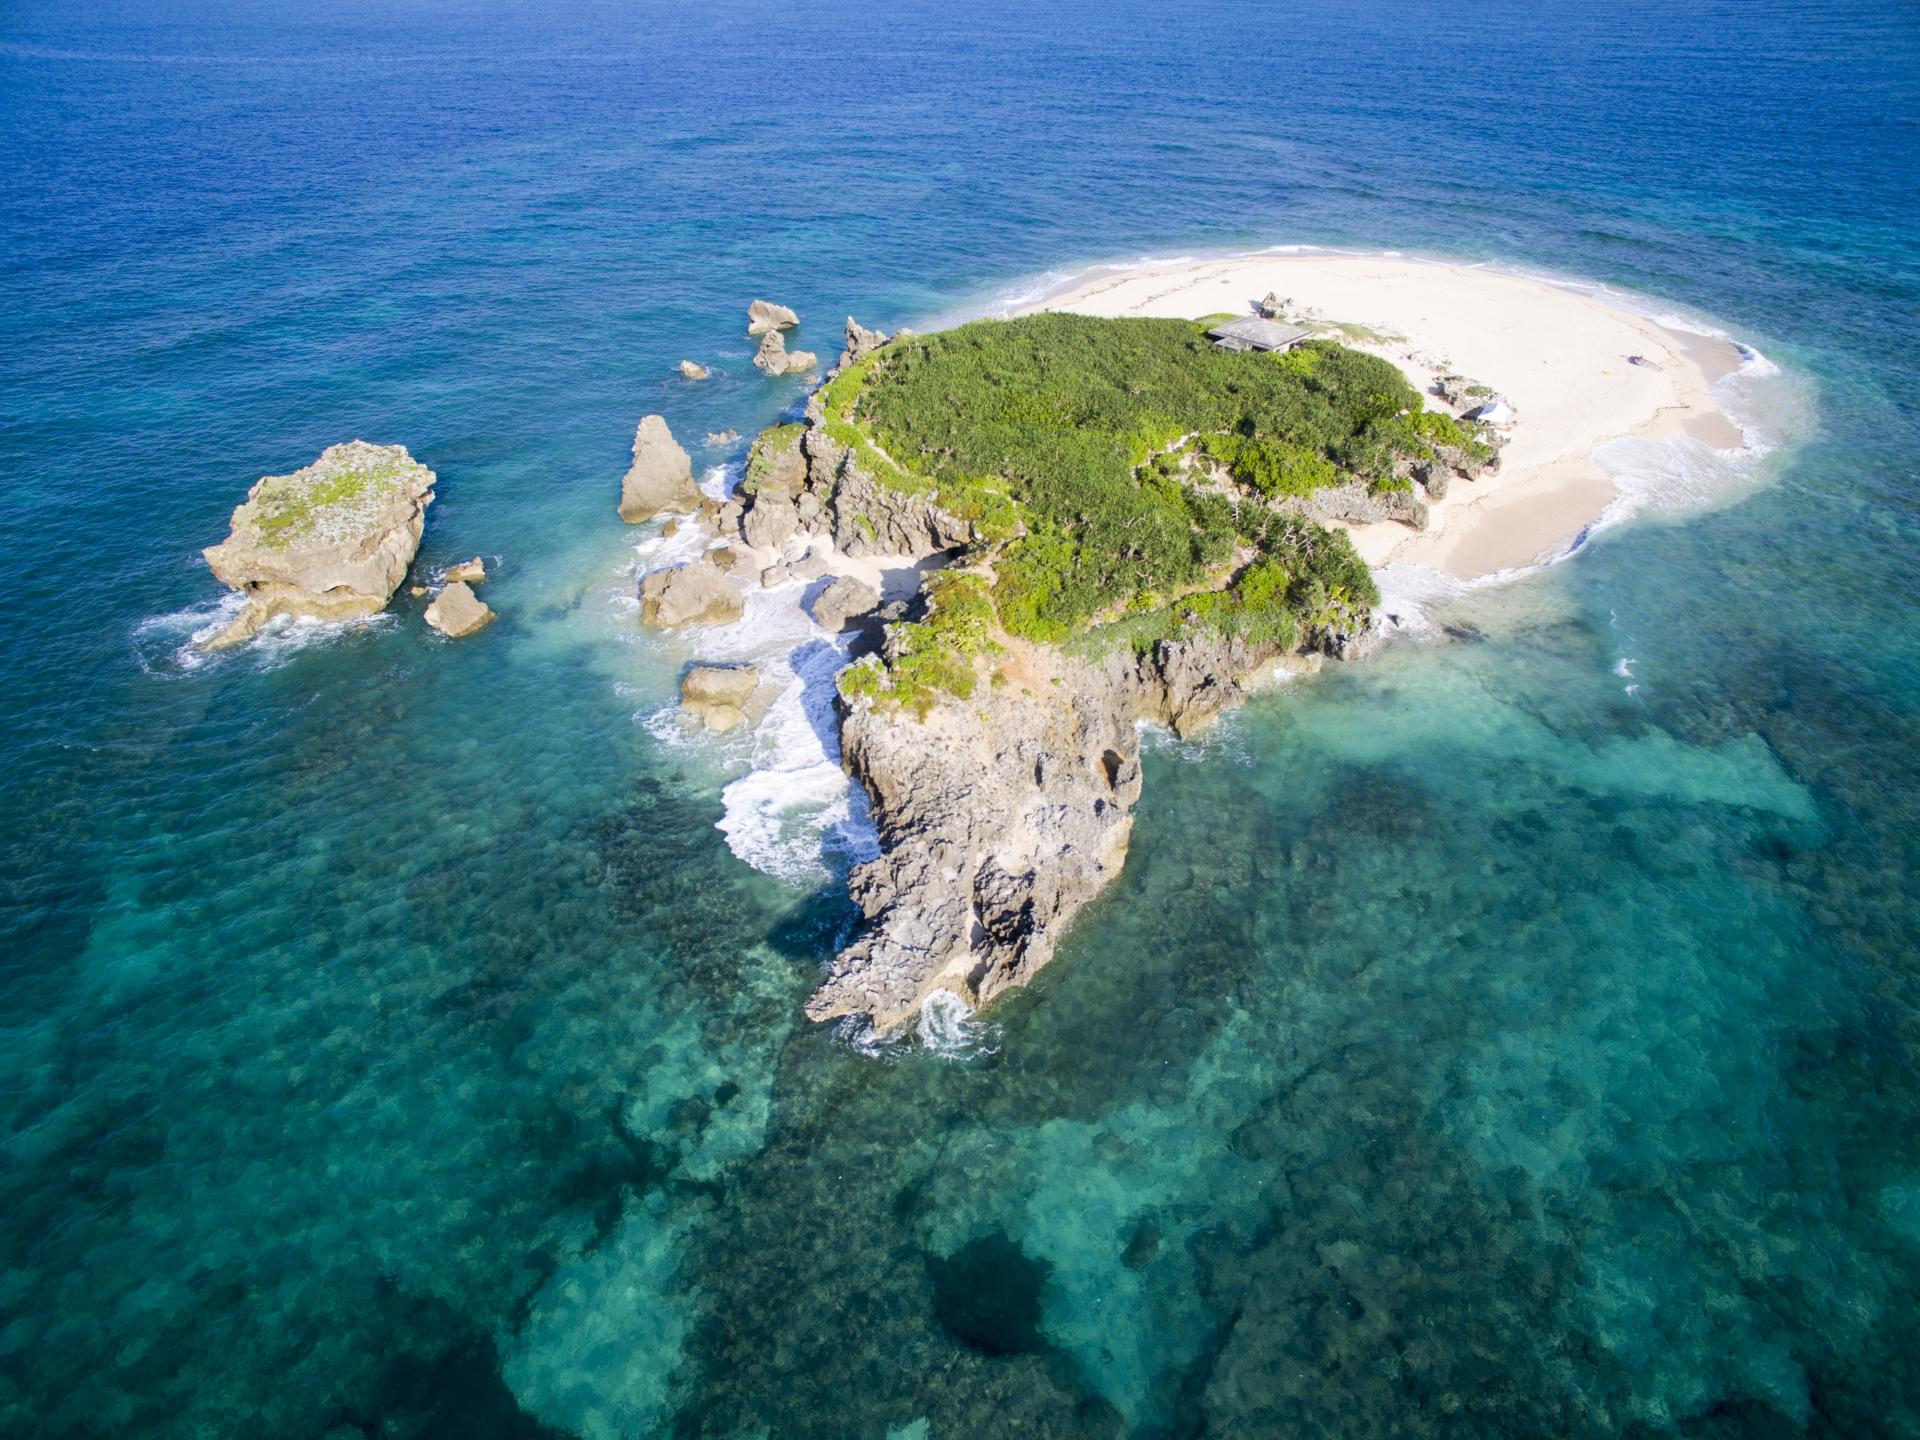 沖縄本島より15分でこの海の青さ!無人島コマカ島へ行こう!